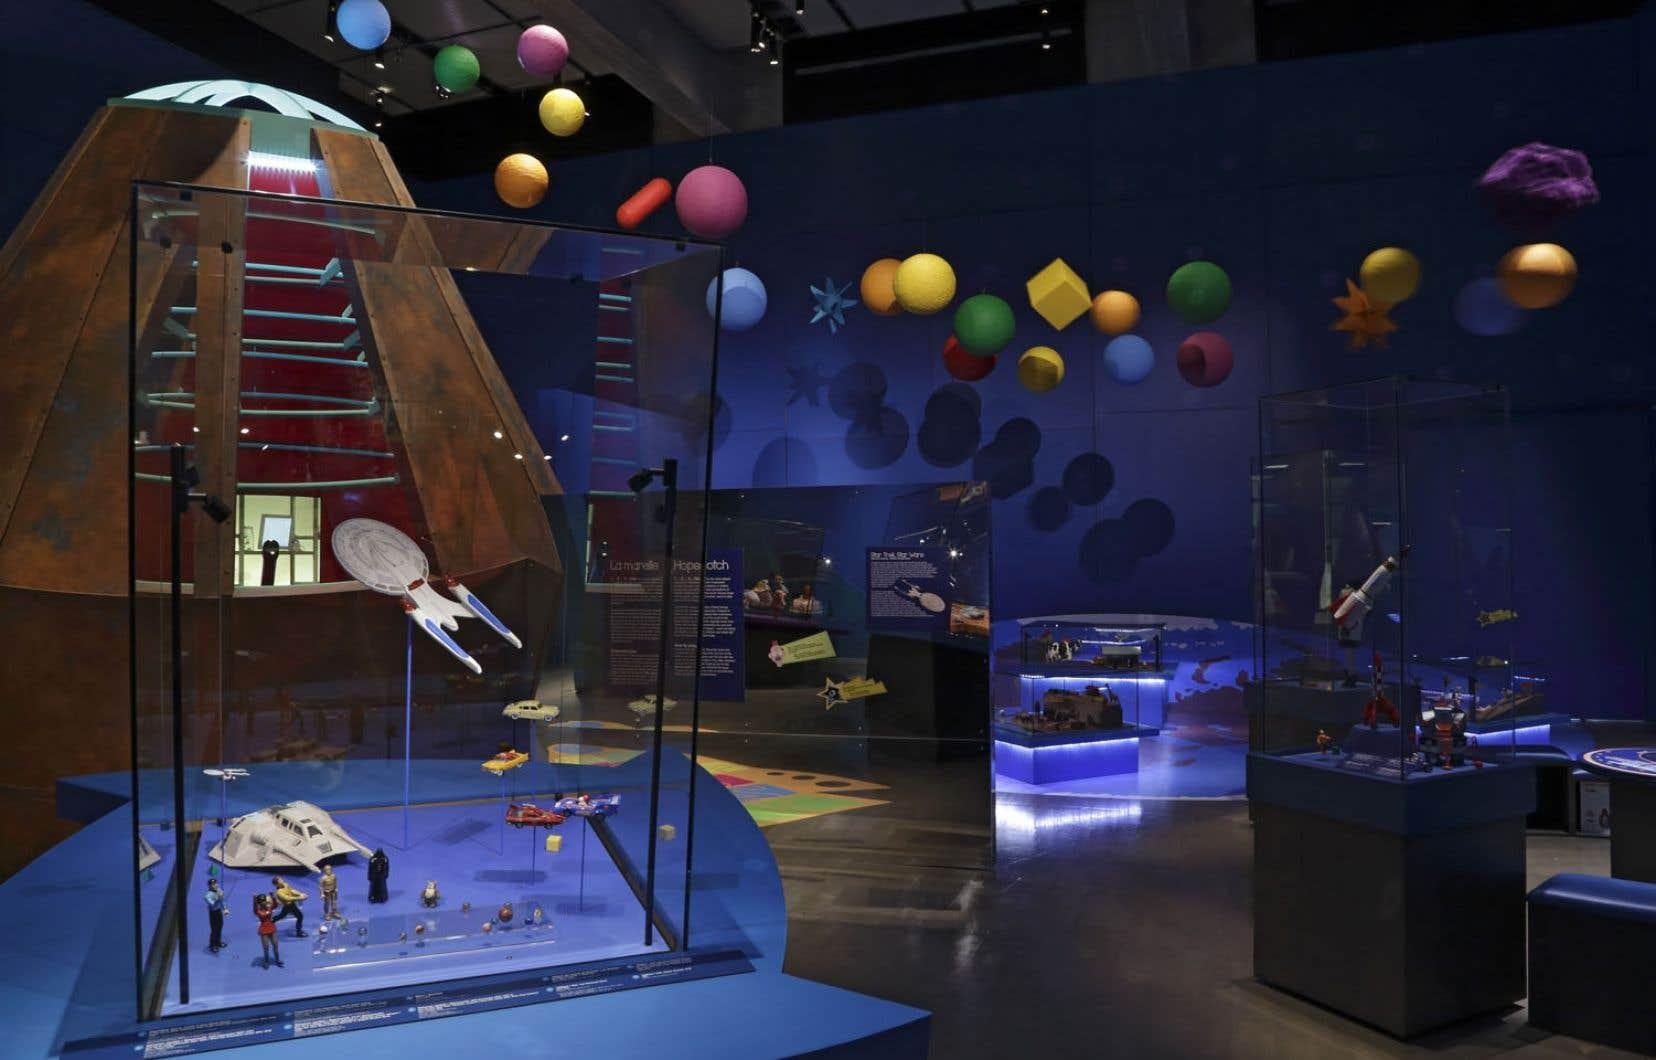 L'exposition Jouets — Mission Cosmos, présentée au Musée McCord, a servi d'inspiration pour de nombreuses idées de cadeaux qu'on retrouve à la boutique du musée.